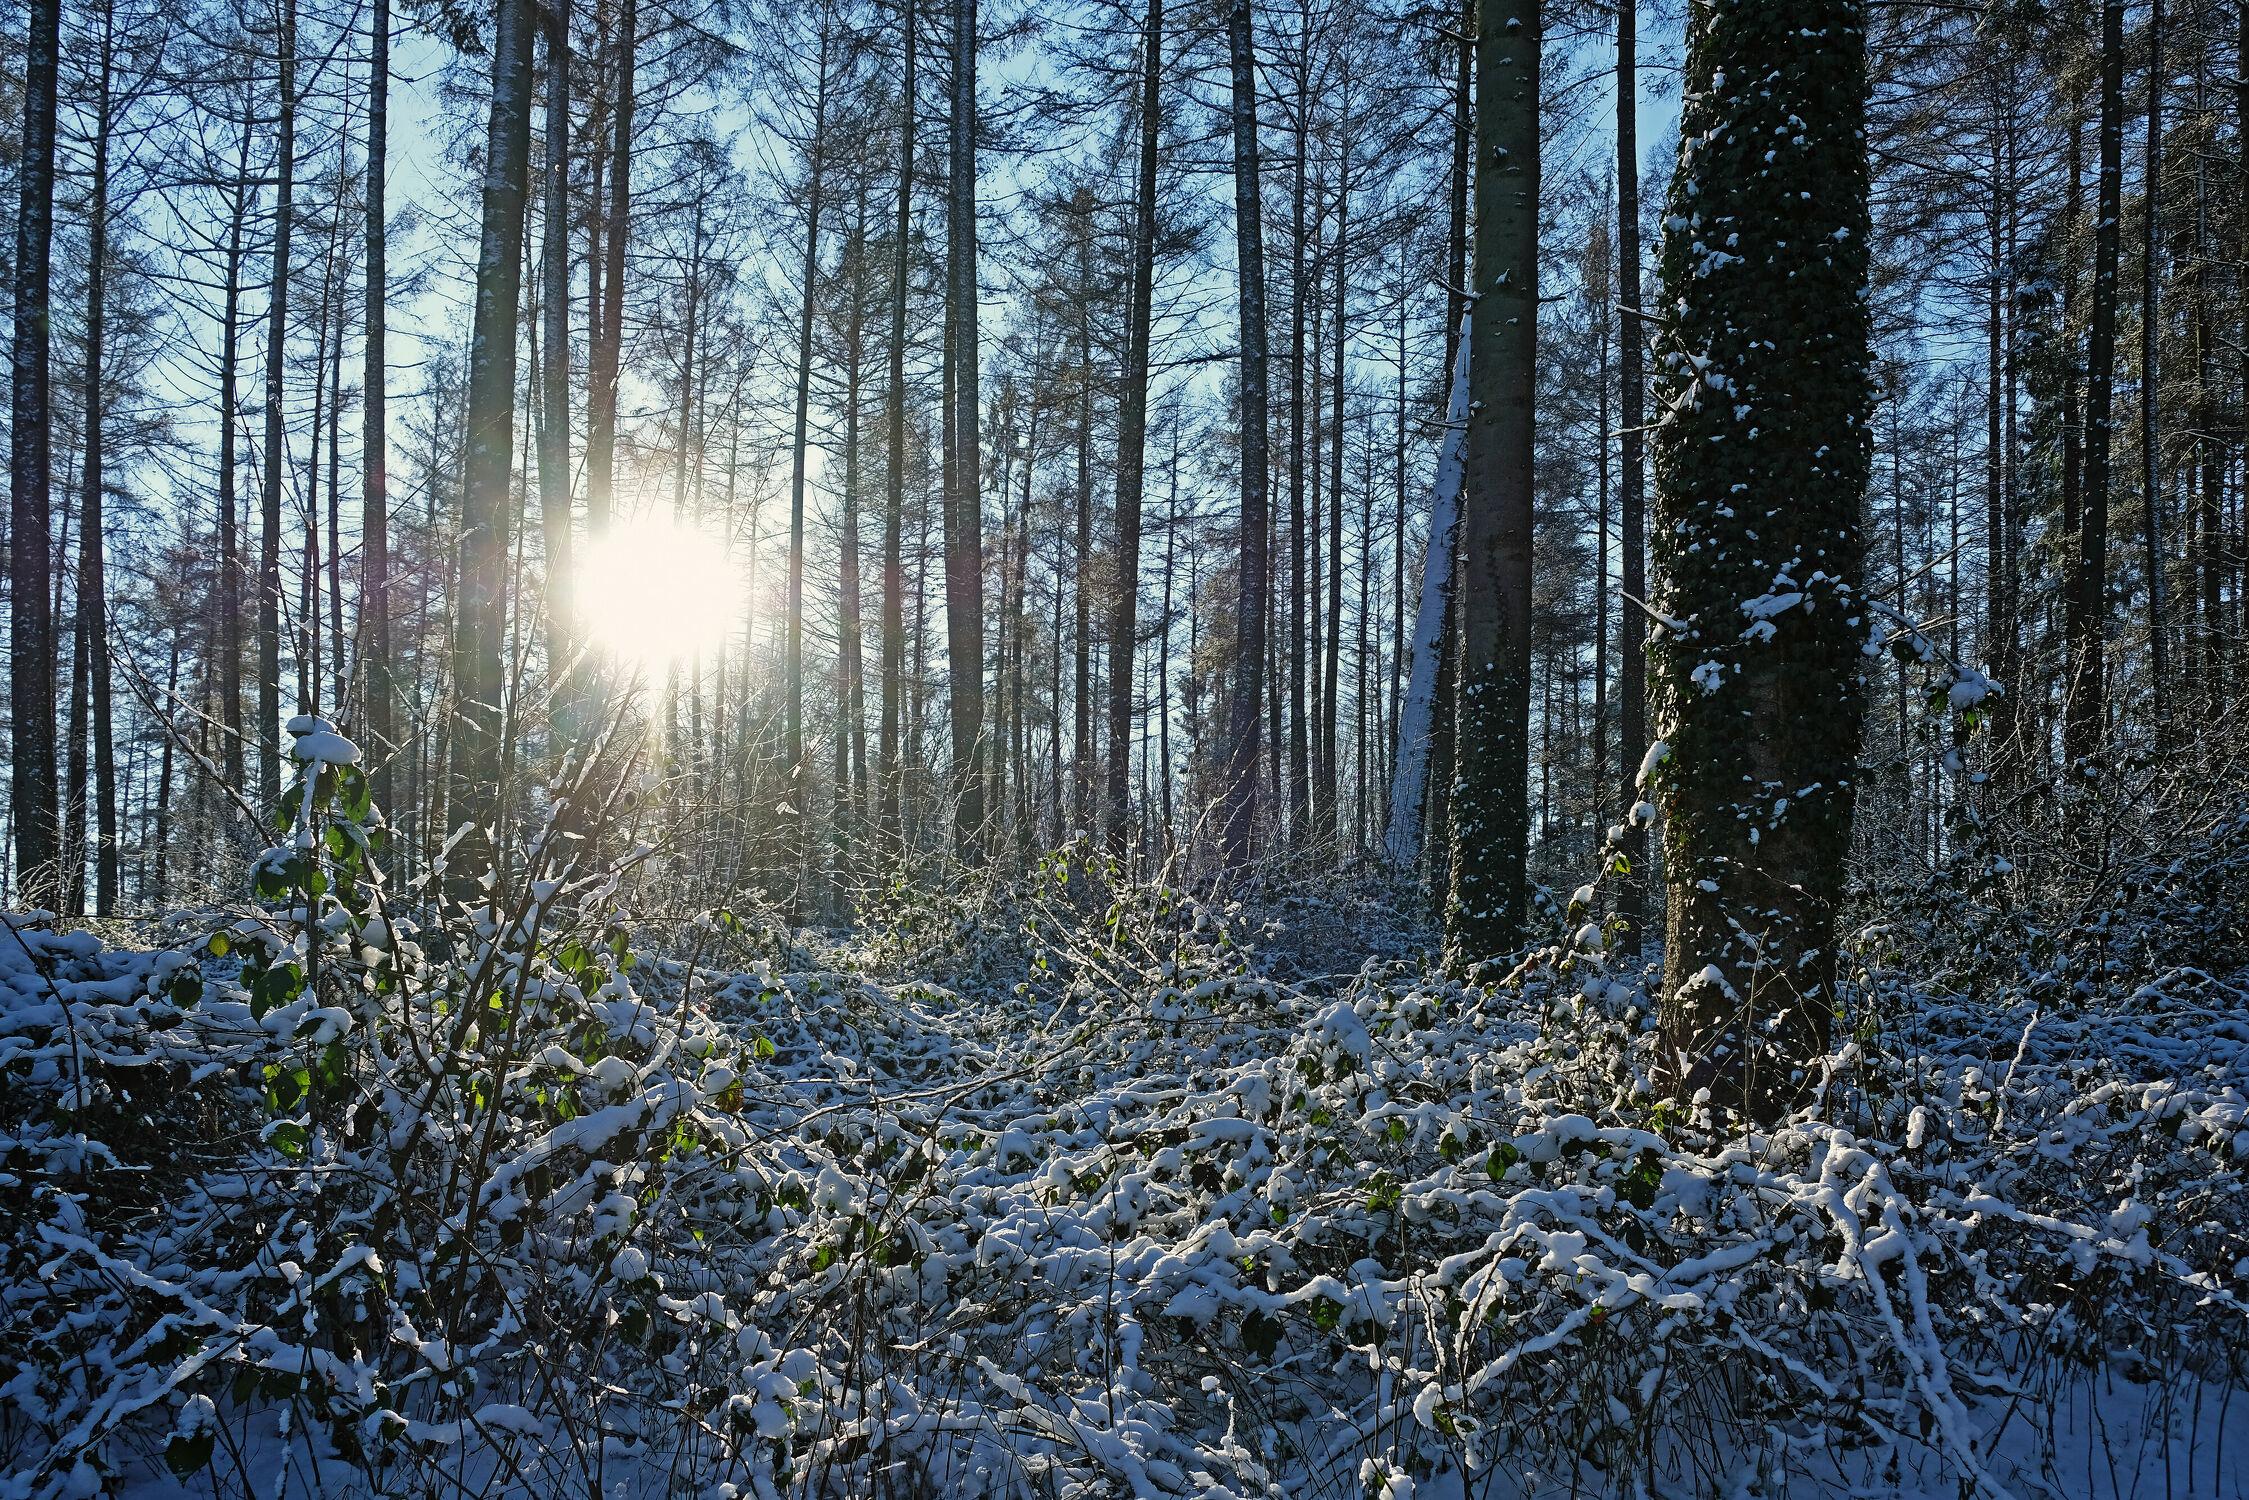 Bild mit Bäume, Schnee, Sträucher, Sonne, Abendsonne, Winterwald, Brombeeren